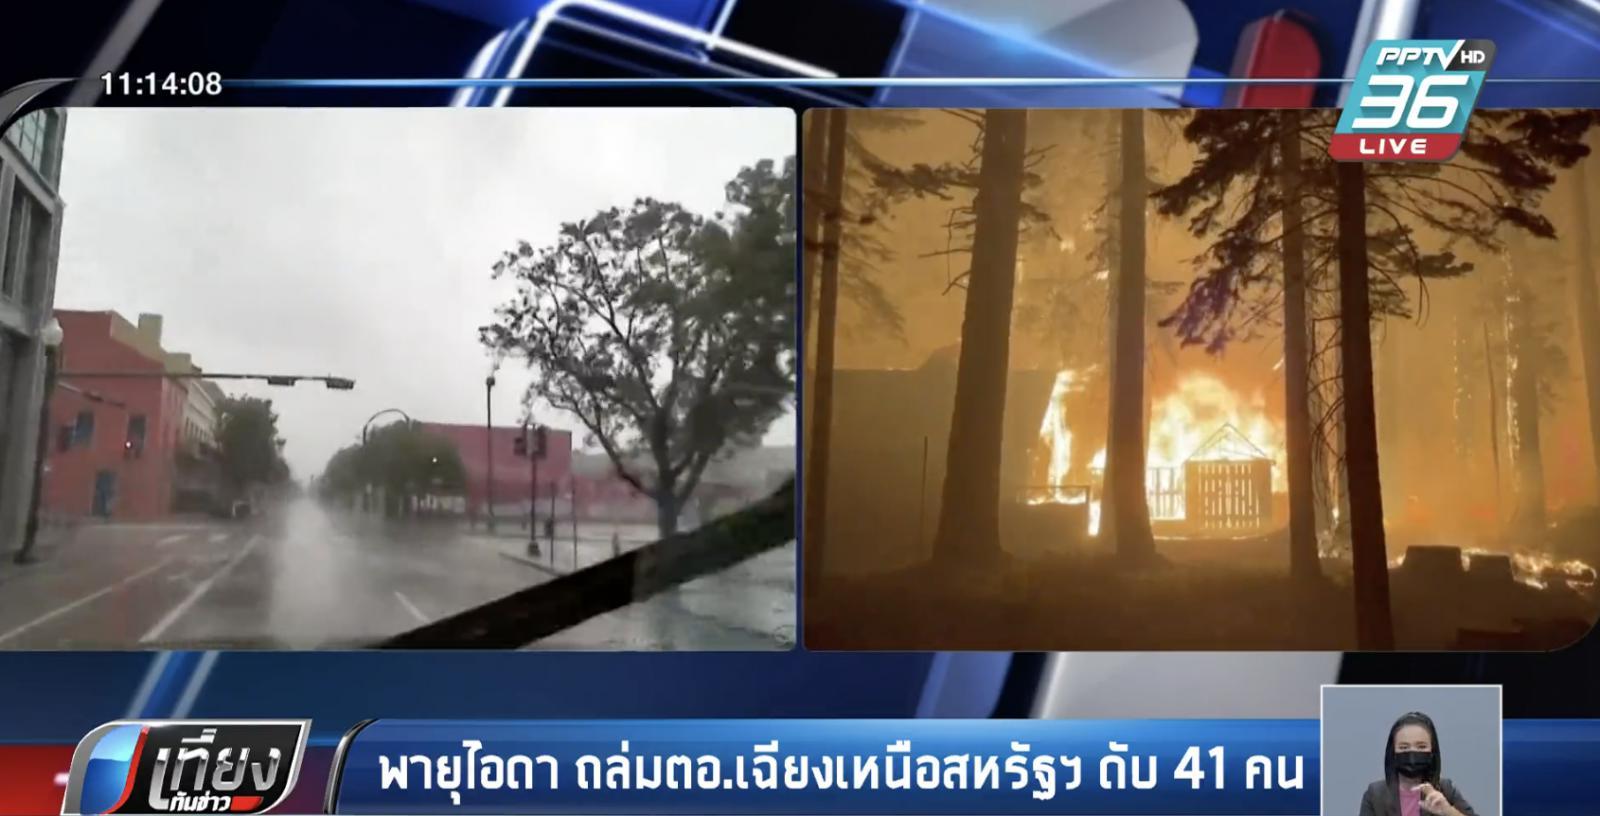 พายุไอดาถล่มตะวันออกเฉียงเหนือสหรัฐฯ ดับ 41 คน